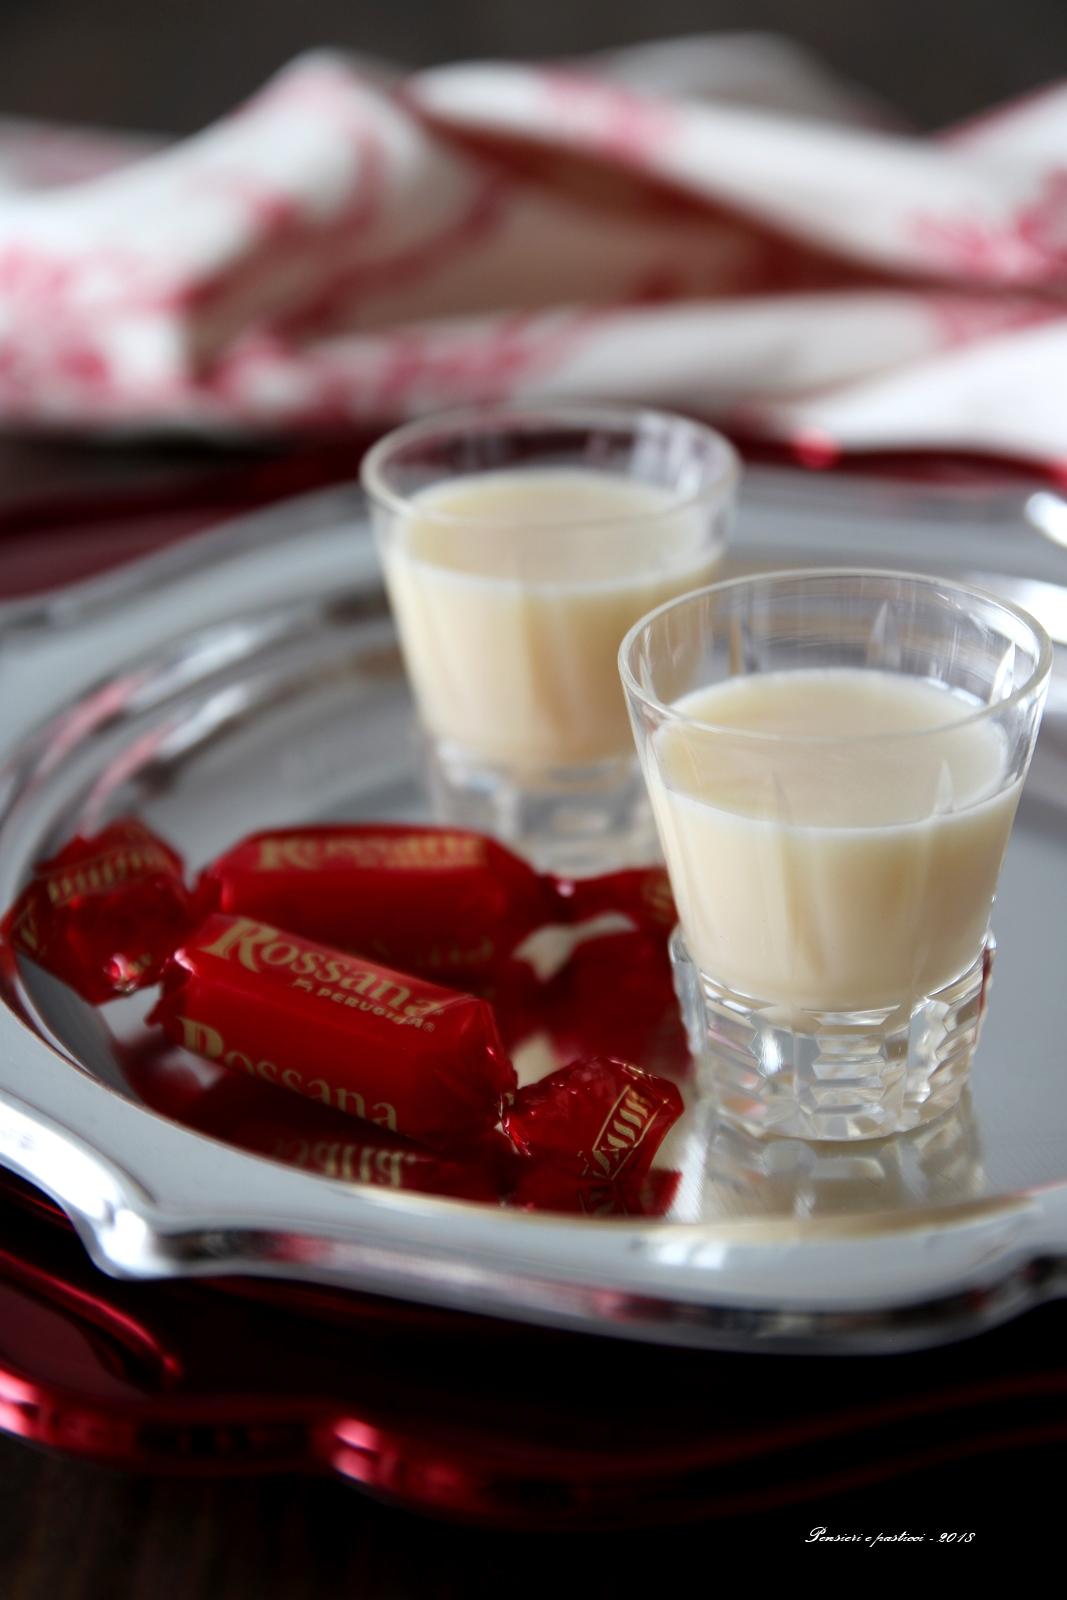 Liquore alle caramelle Rossana